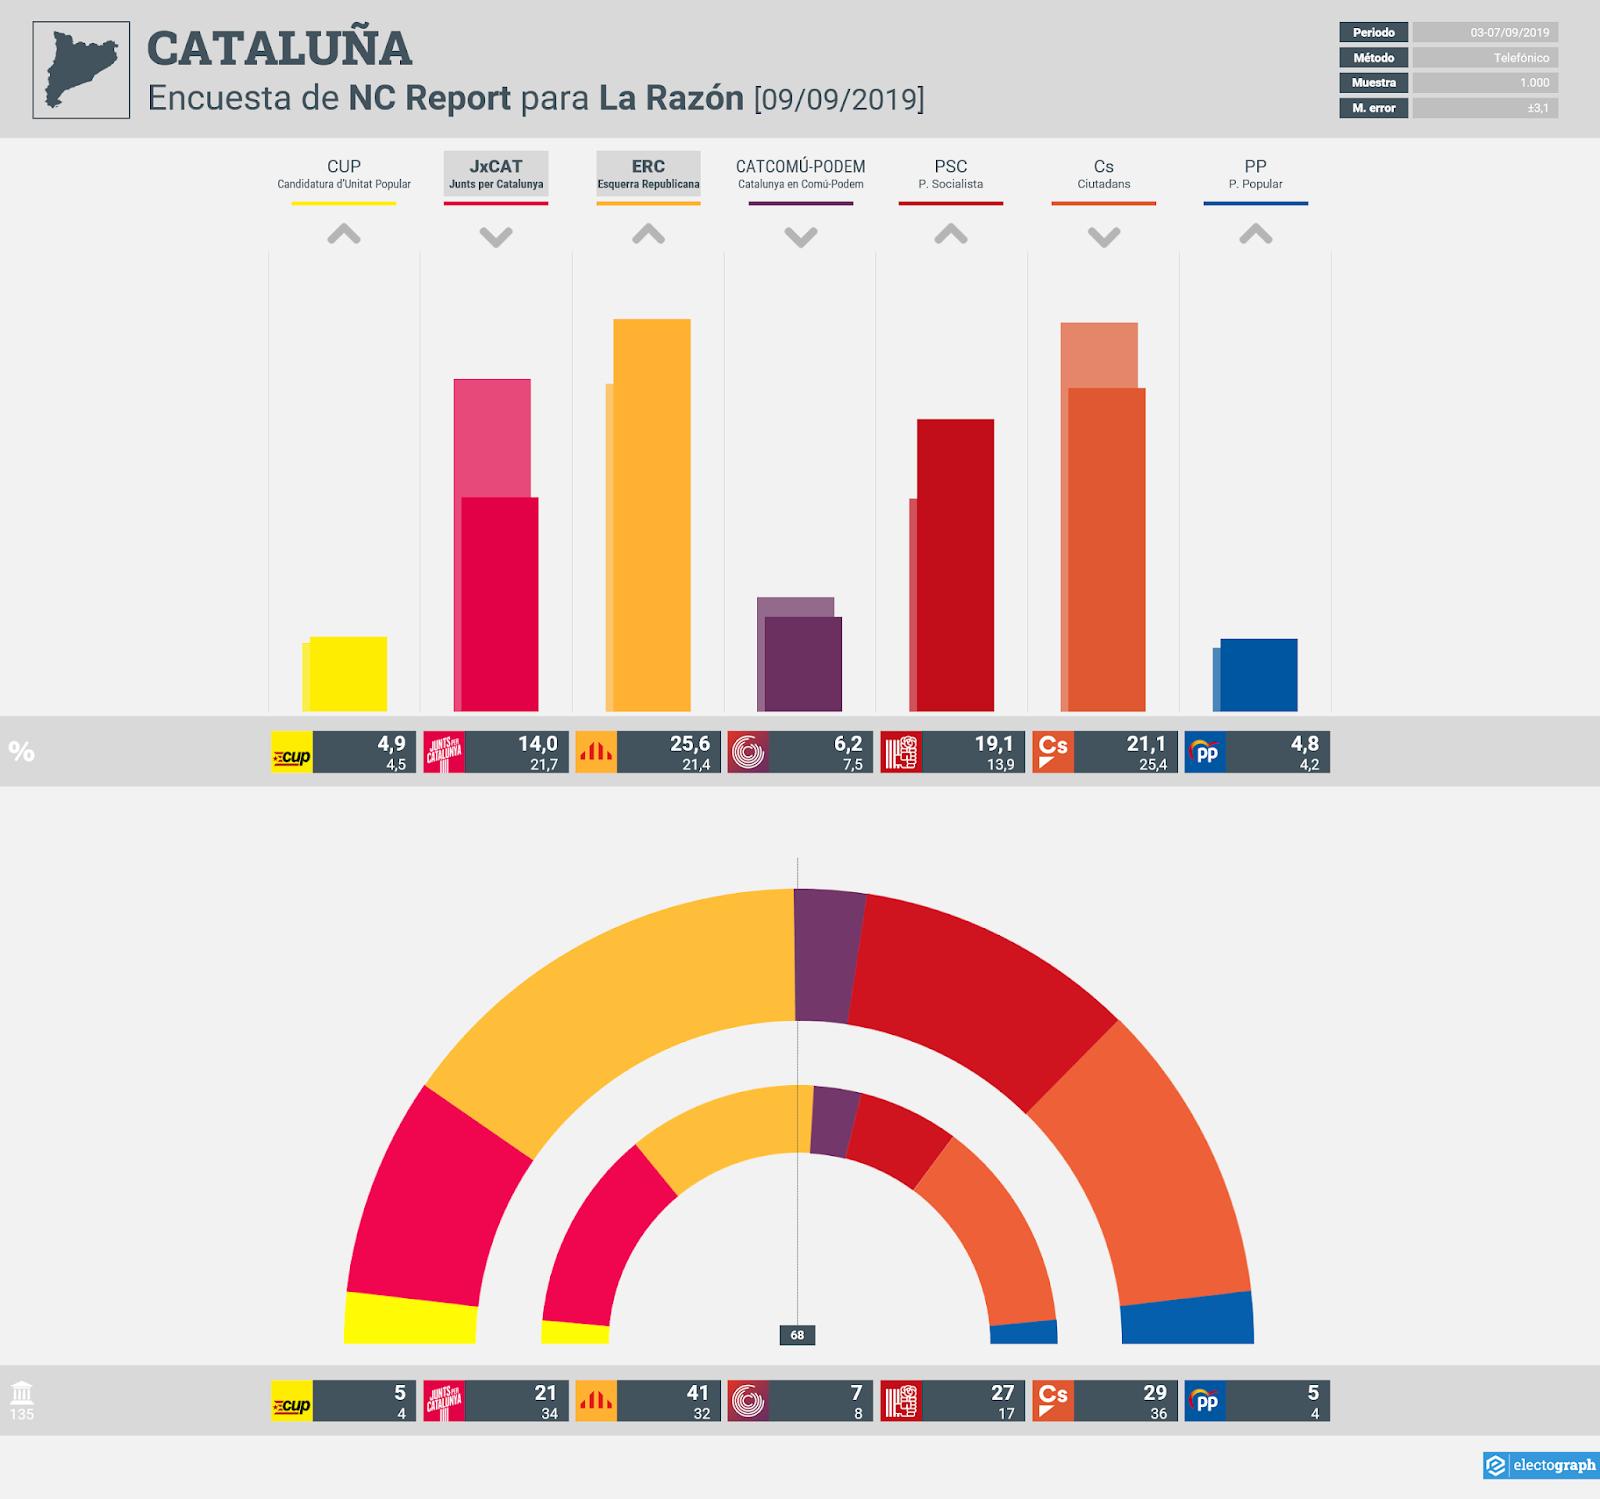 Gráfico de la encuesta para elecciones autonómicas en Cataluña realizada por NC Report para La Razón, 9 de septiembre de 2019